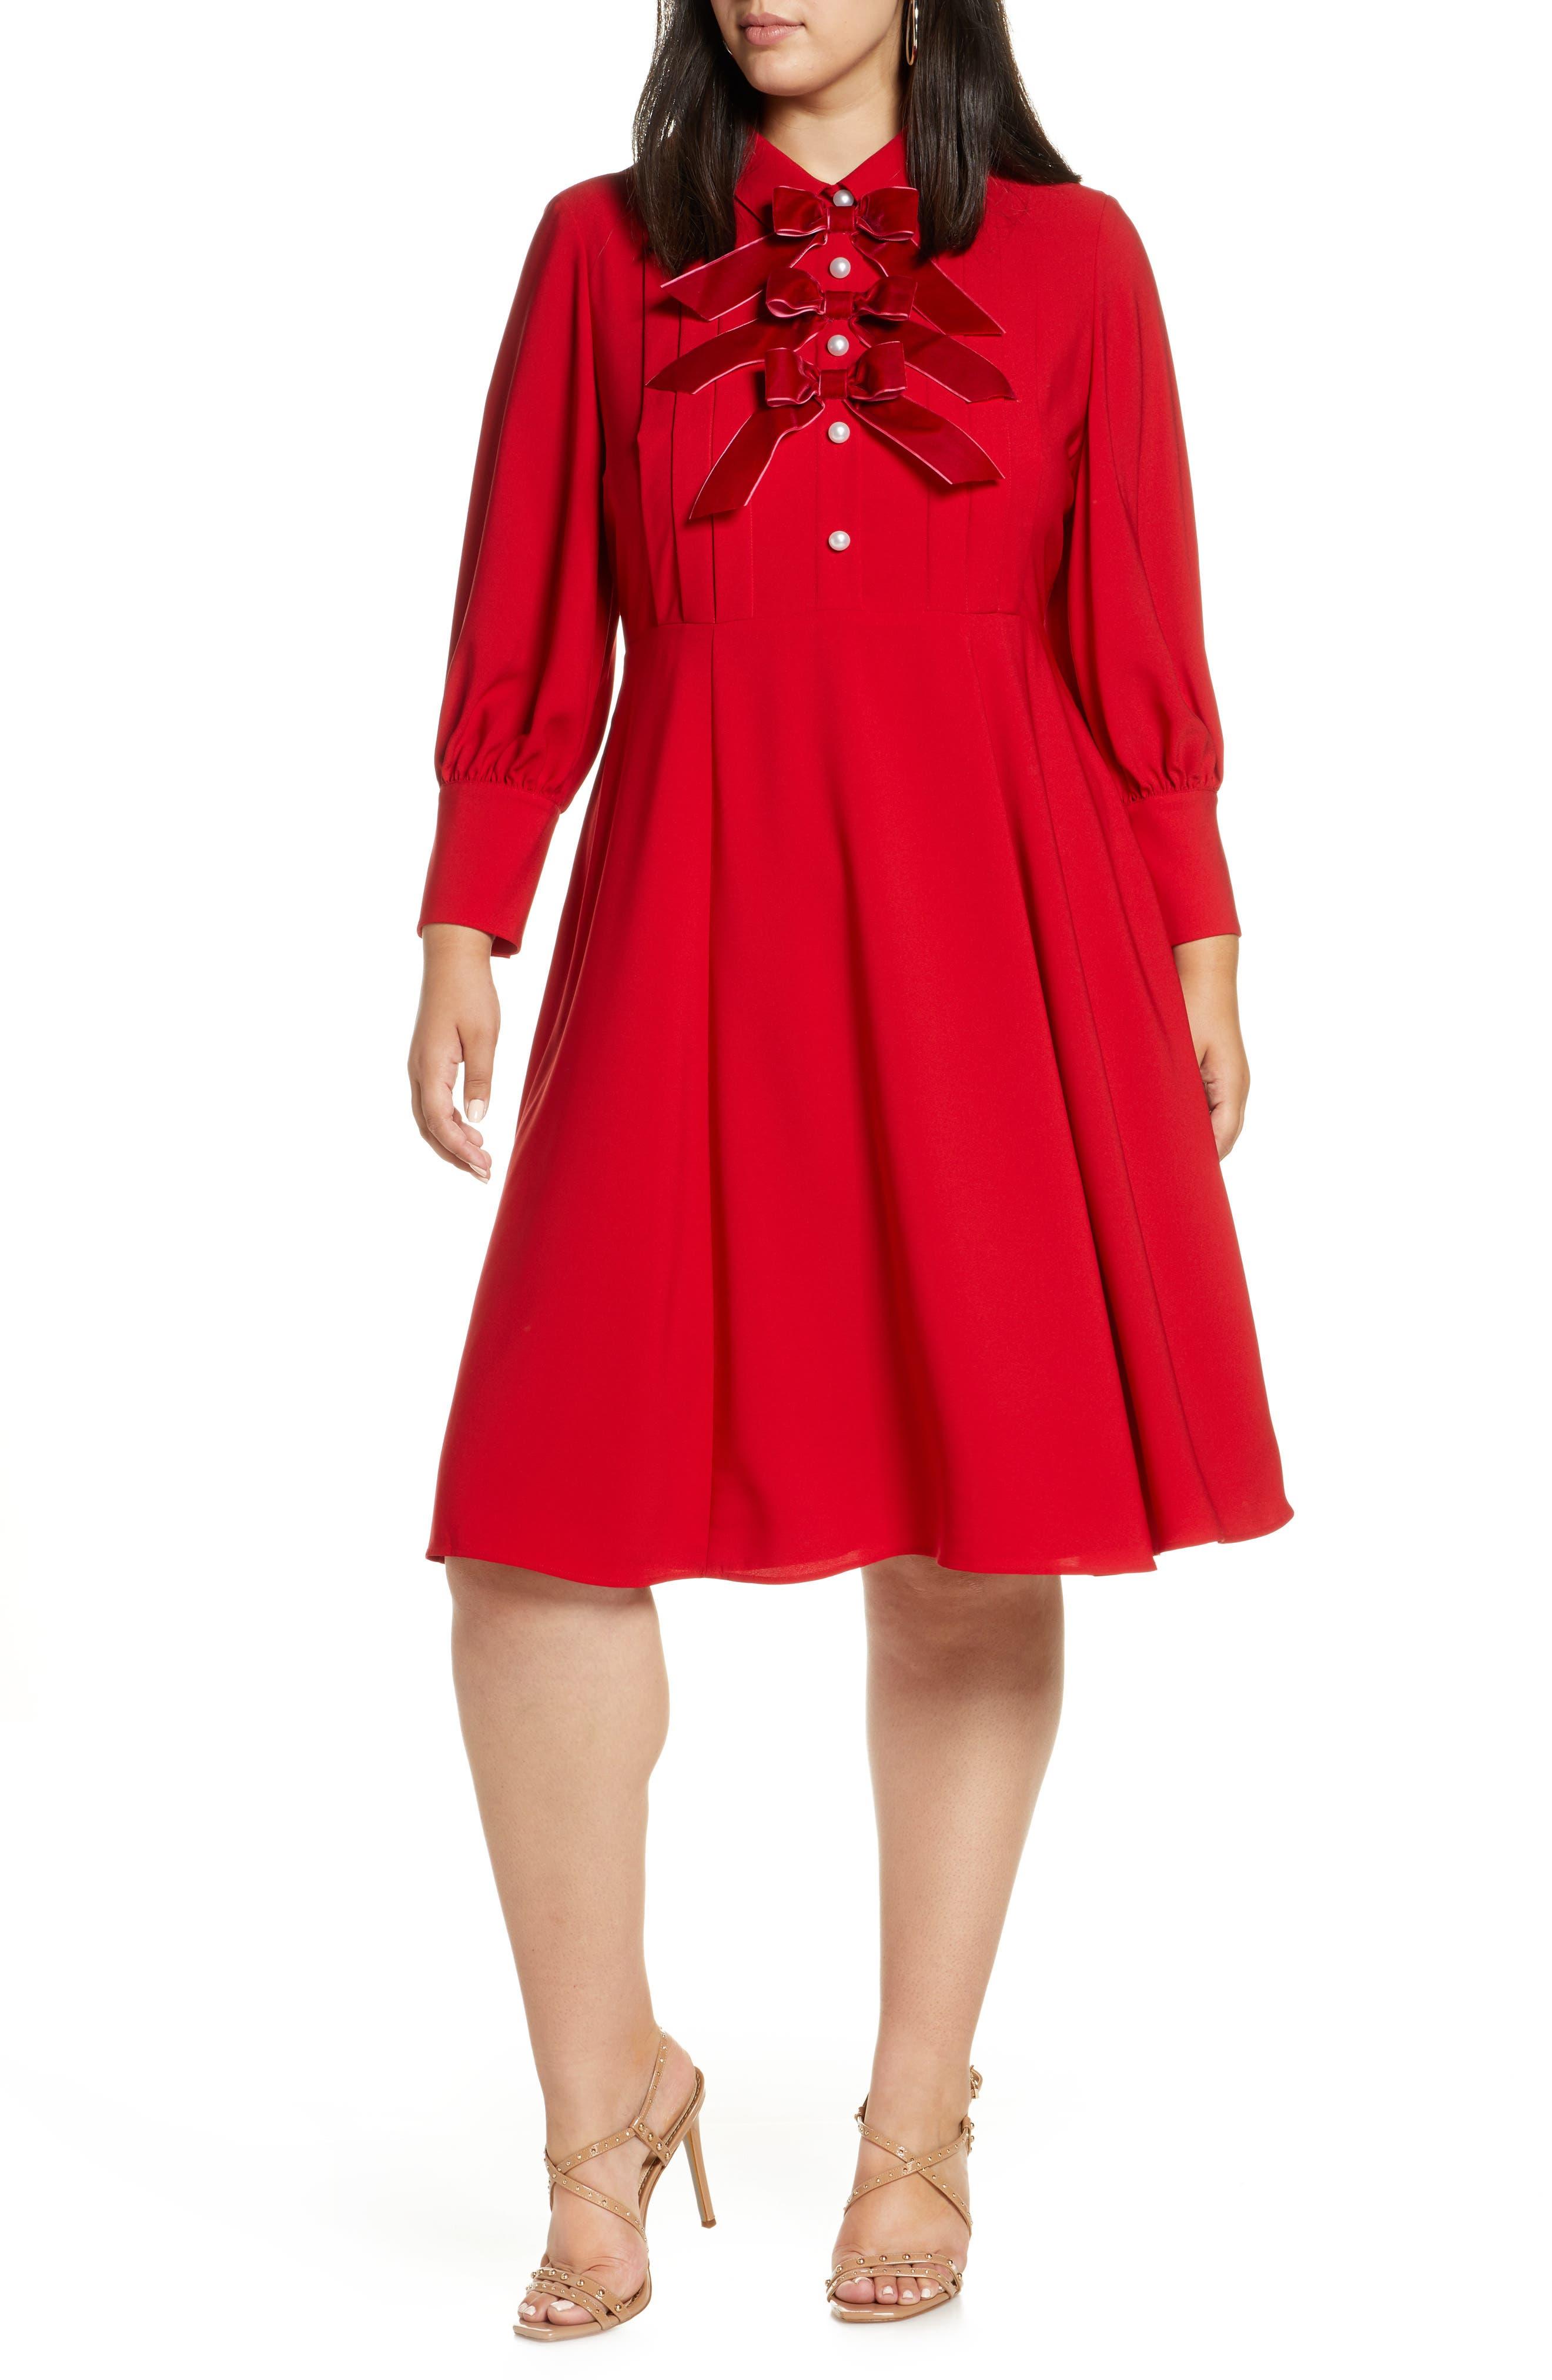 Plus Size Vintage Dresses, Plus Size Retro Dresses Plus Size Womens Halogen X Atlantic-Pacific Bow Detail Fit  Flare Dress Size 20 similar to 18W - Red Plus Size Nordstrom Exclusive $139.00 AT vintagedancer.com